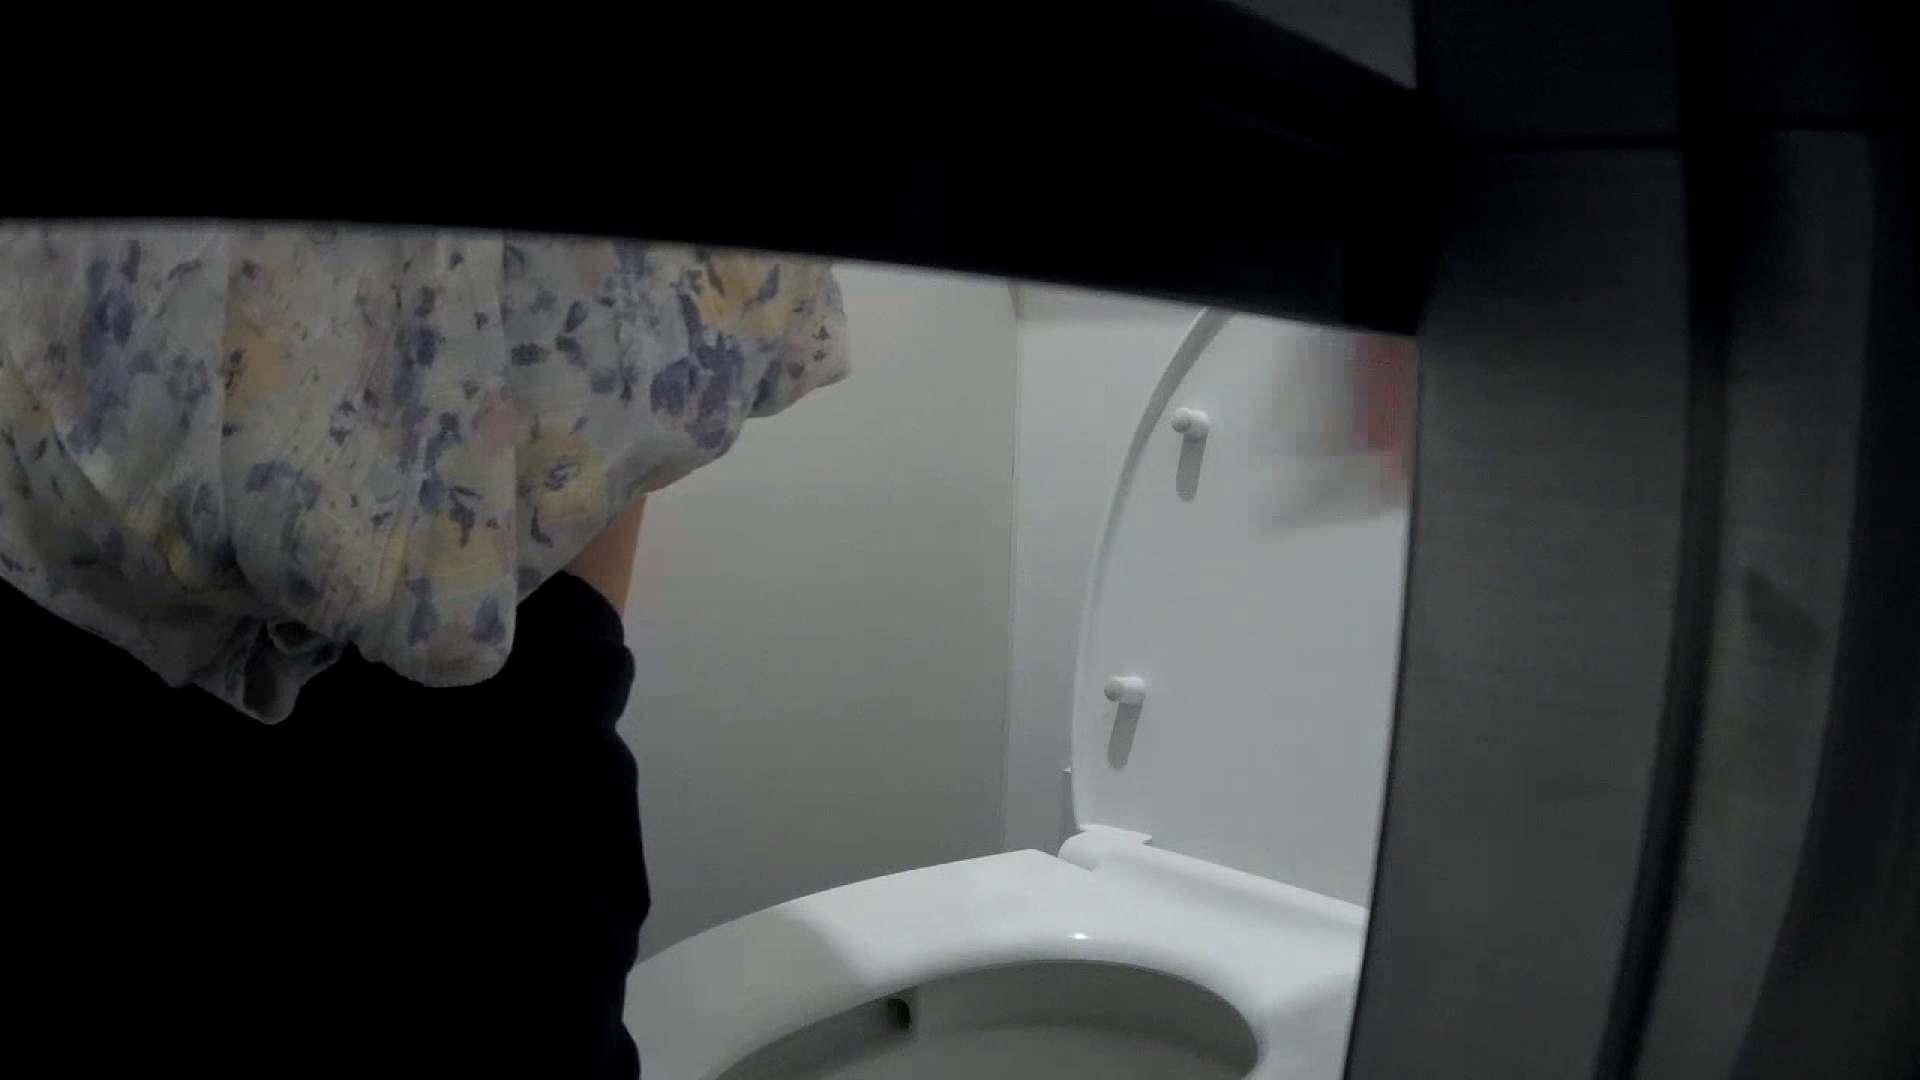 有名大学女性洗面所 vol.40 ??おまじない的な動きをする子がいます。 投稿 えろ無修正画像 99枚 70